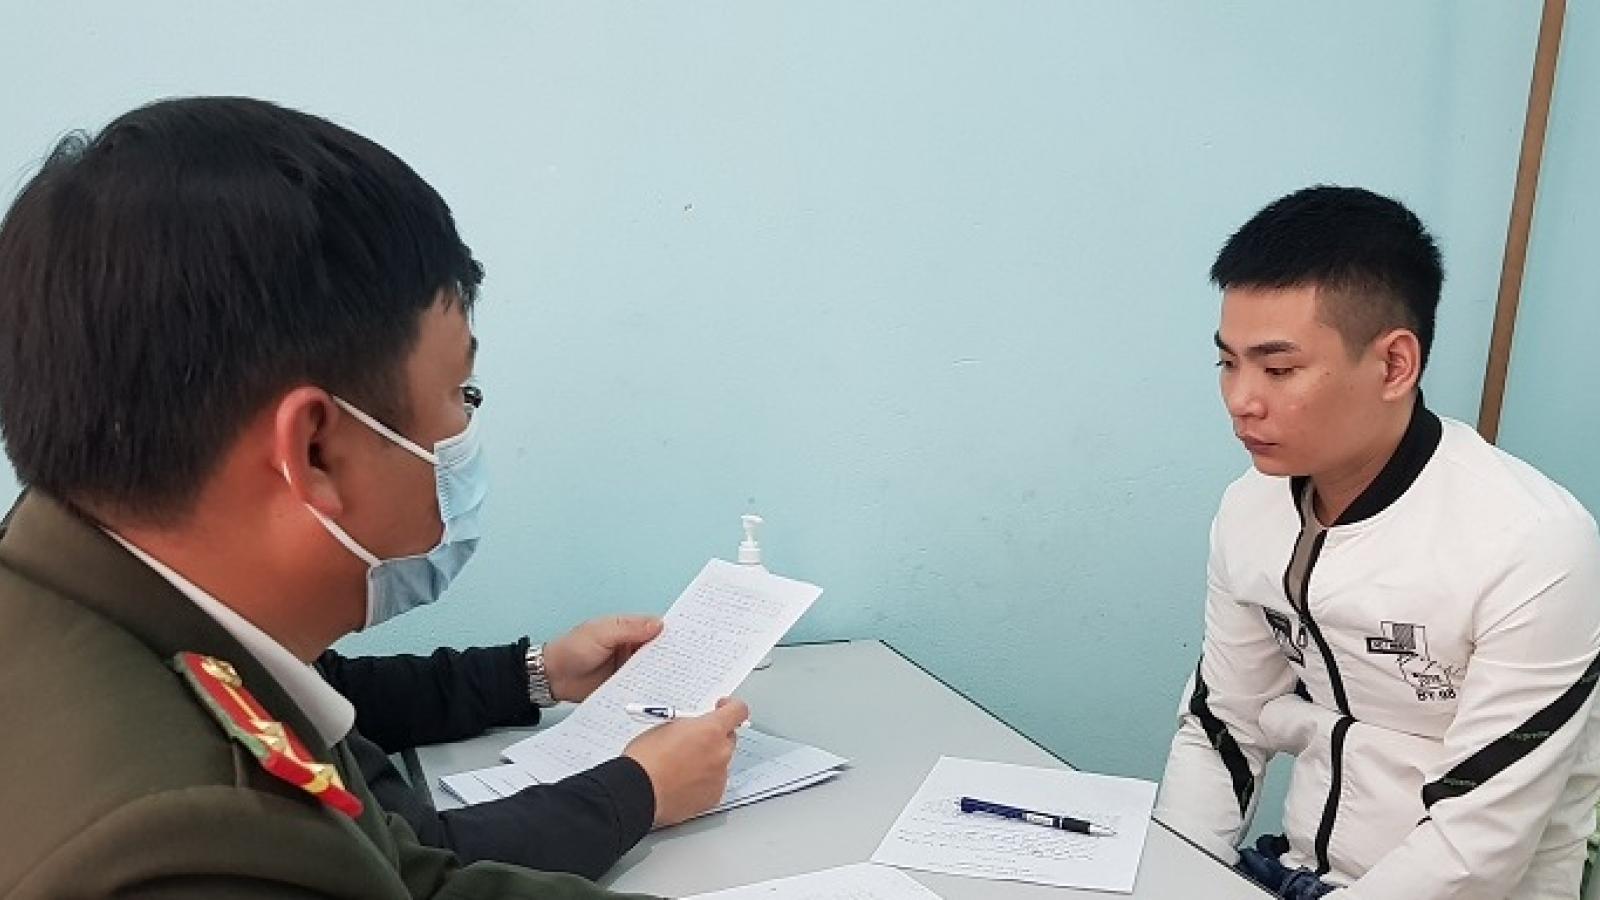 Bắt đối tượng truy nã qua rà soát người xuất cảnh trái phép do Trung Quốc trao trả